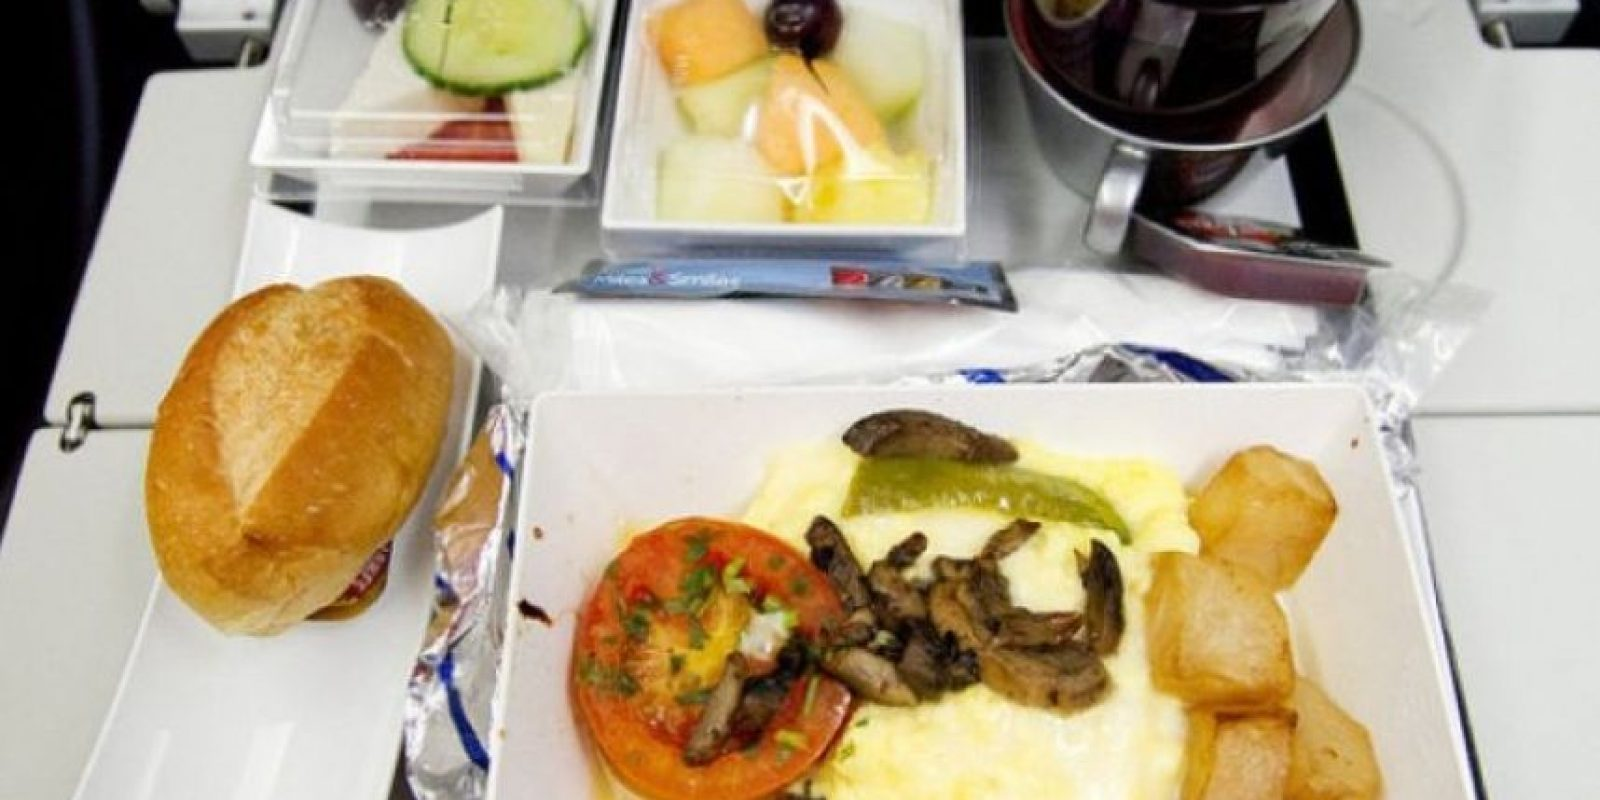 3. Desayuno que incuye pan, huevos, patatas, ensalada de fruta. Foto:Flickr: roboppy /Creative Commons